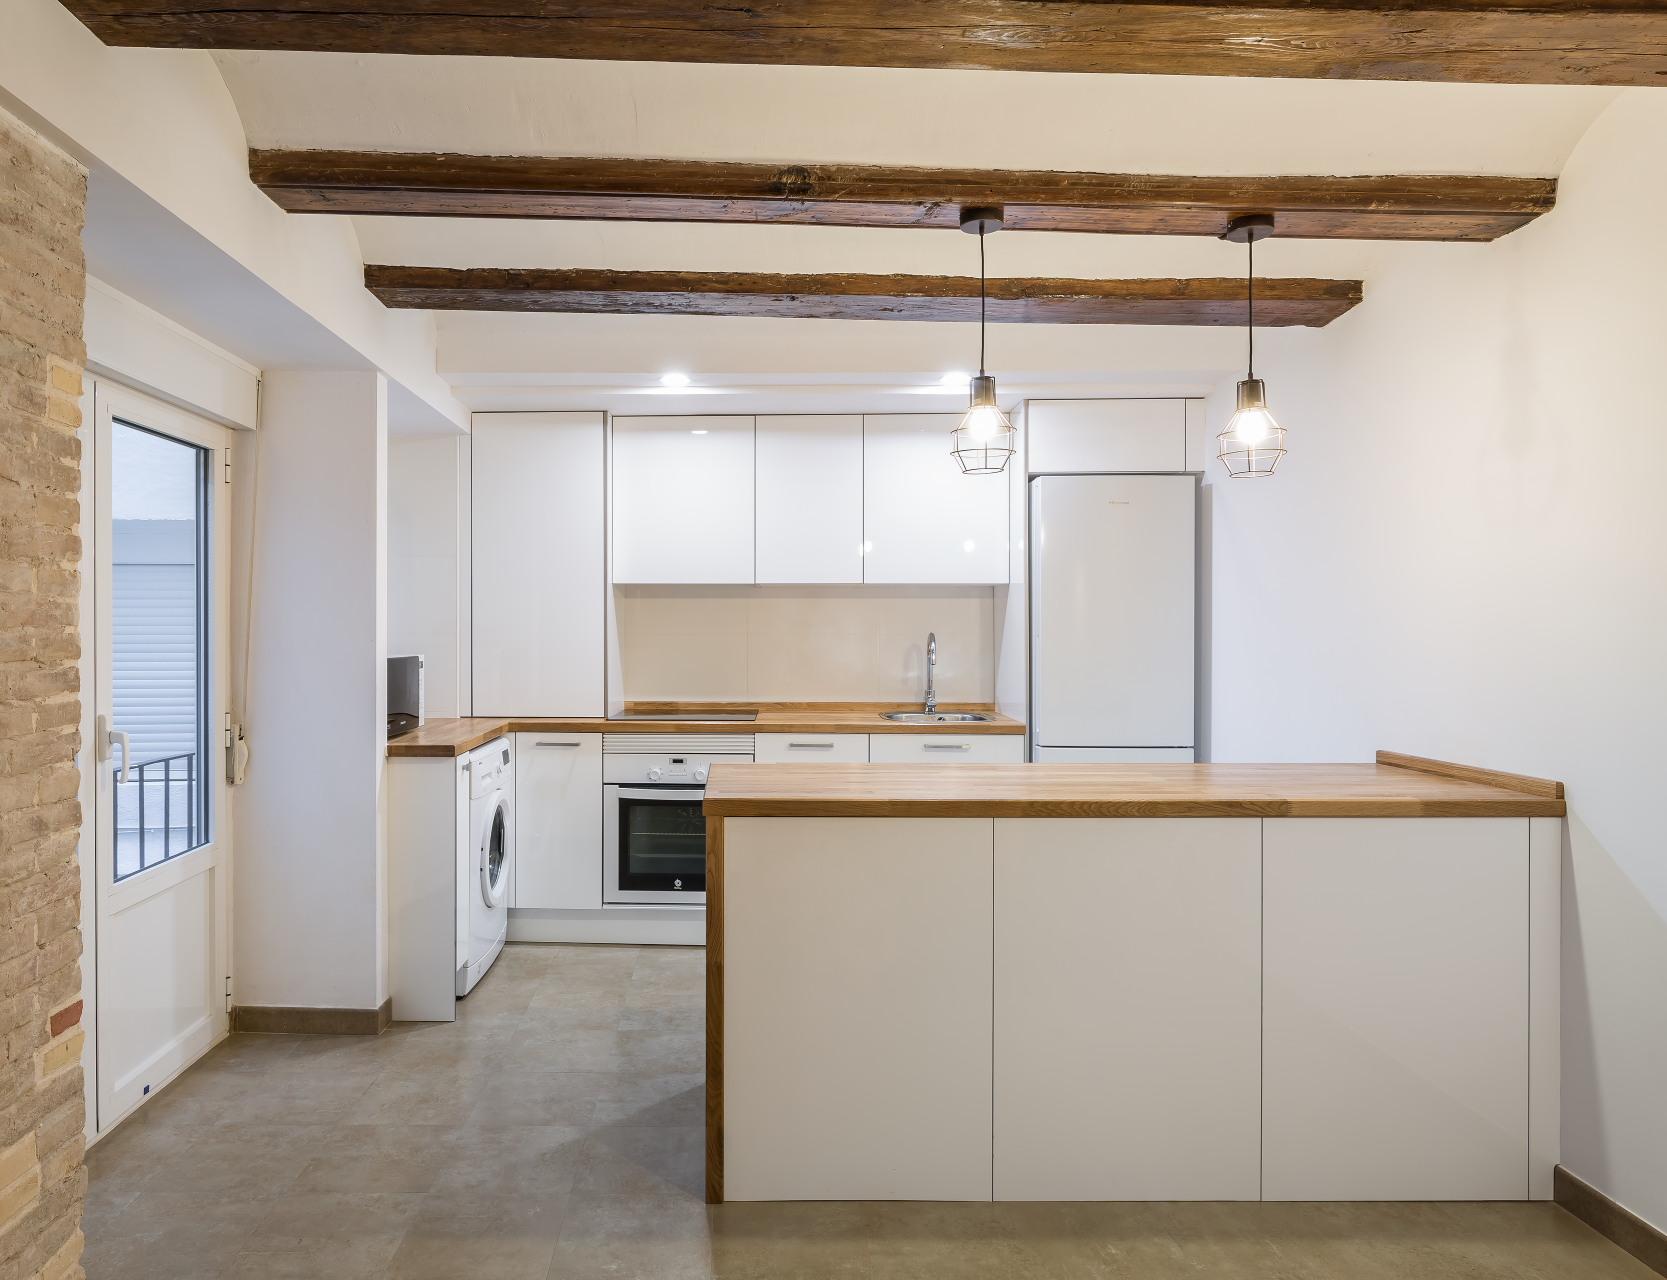 fotografia-arquitectura-interiorismo-valencia-german-cabo-lliberos-naquera-pyf (4)